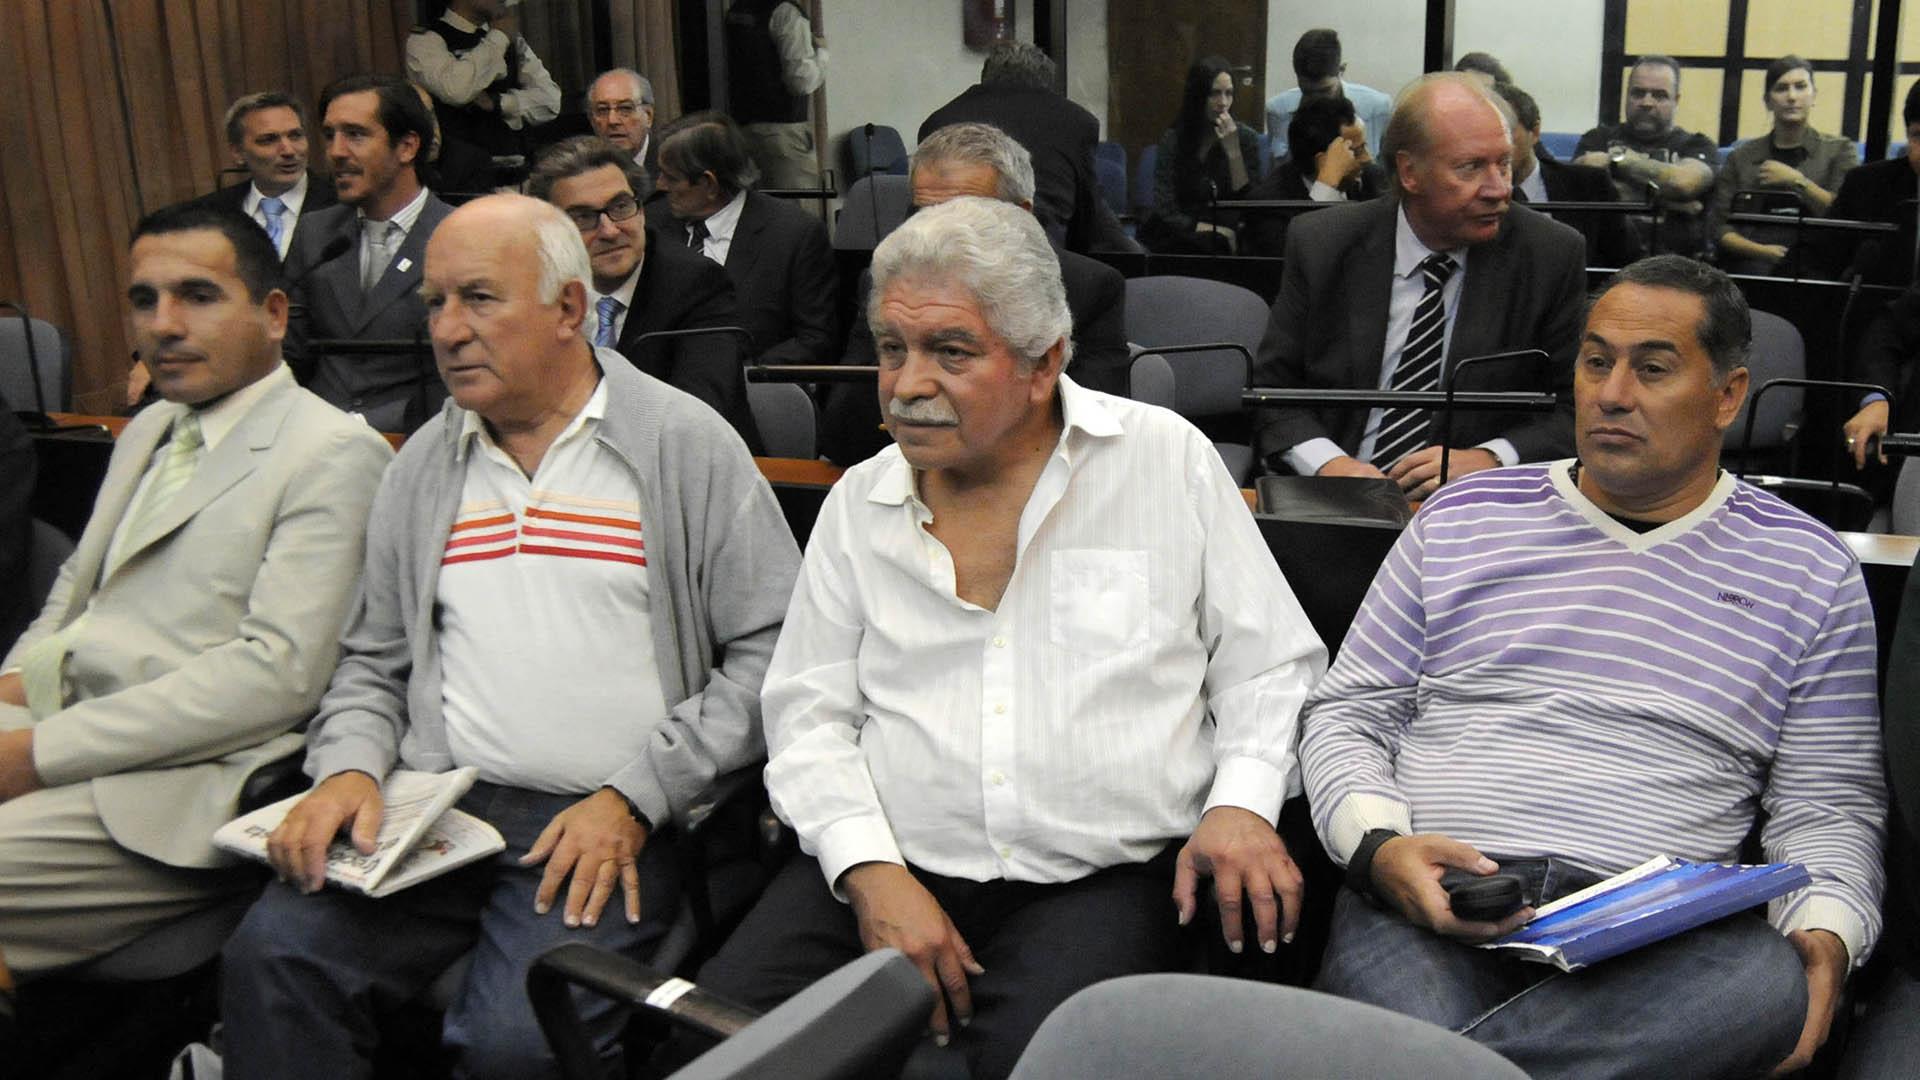 El sindicalista ferroviario durante el juicio por el crimen de Mariano Ferreyra (NA)